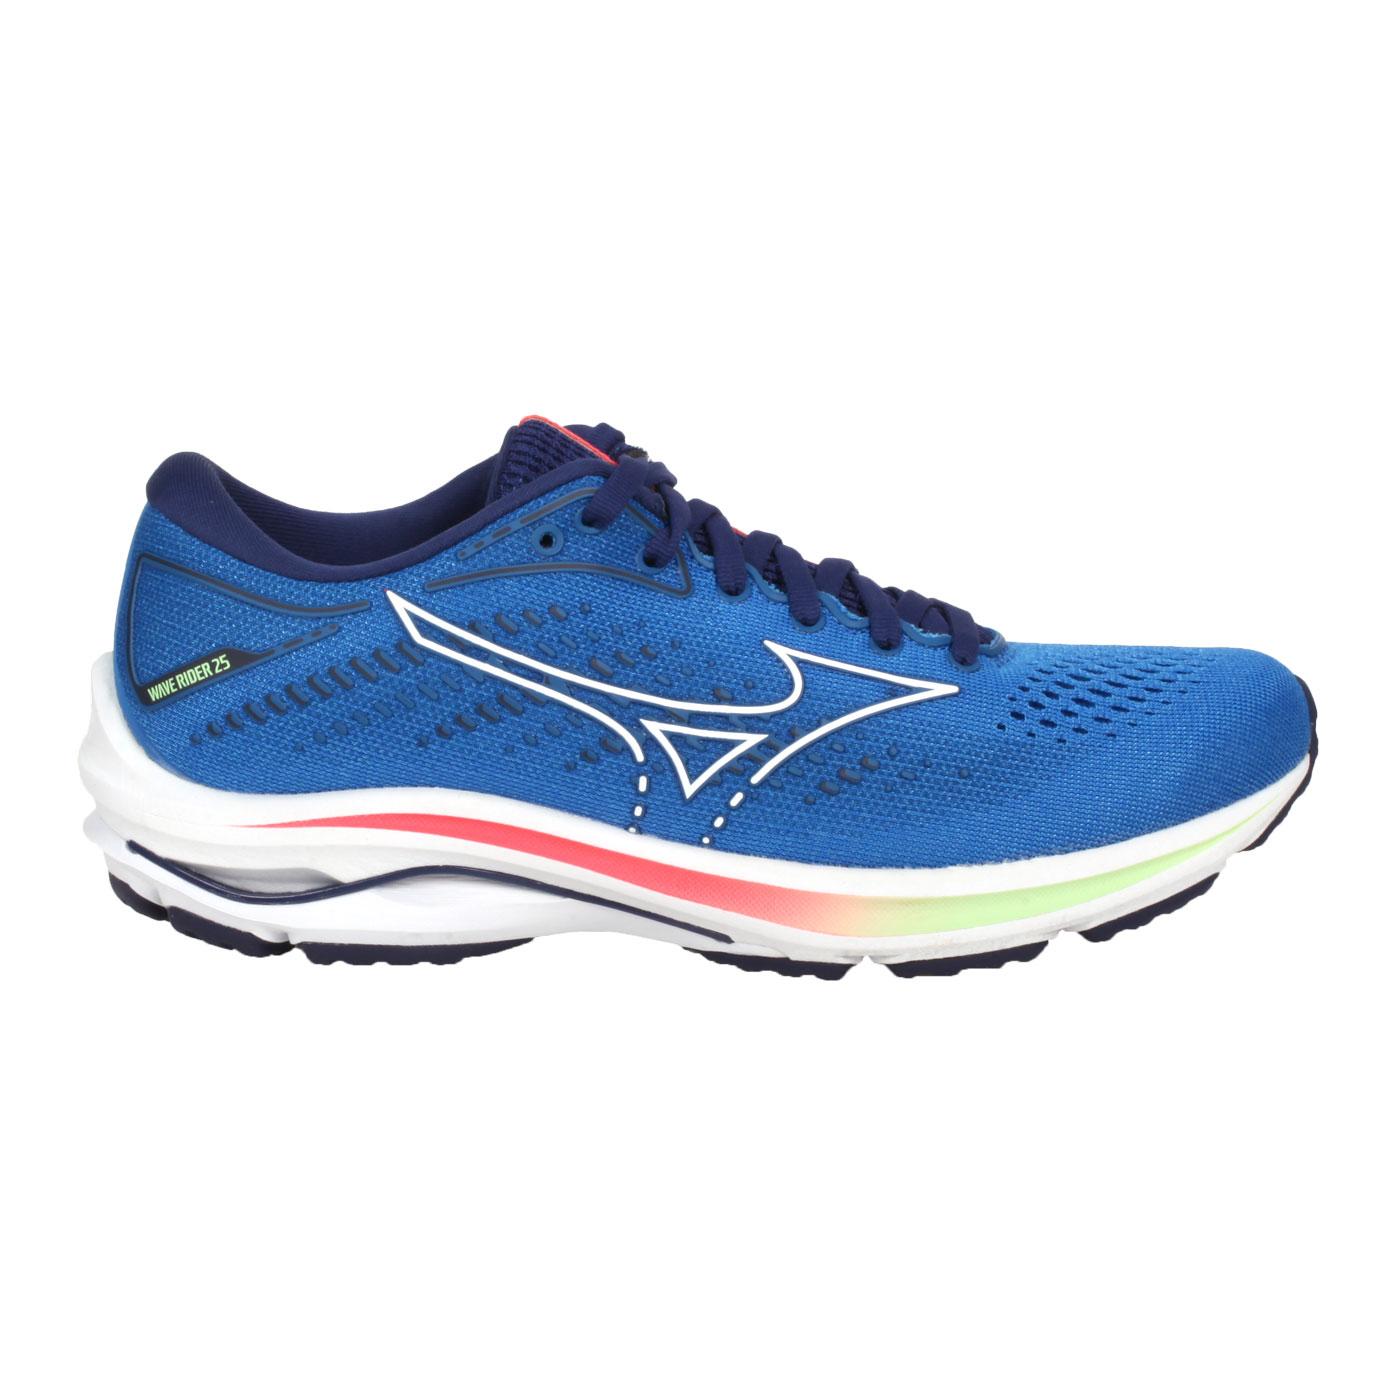 MIZUNO 女款慢跑鞋  @WAVE RIDER 25@J1GD210387 - 藍綠紅